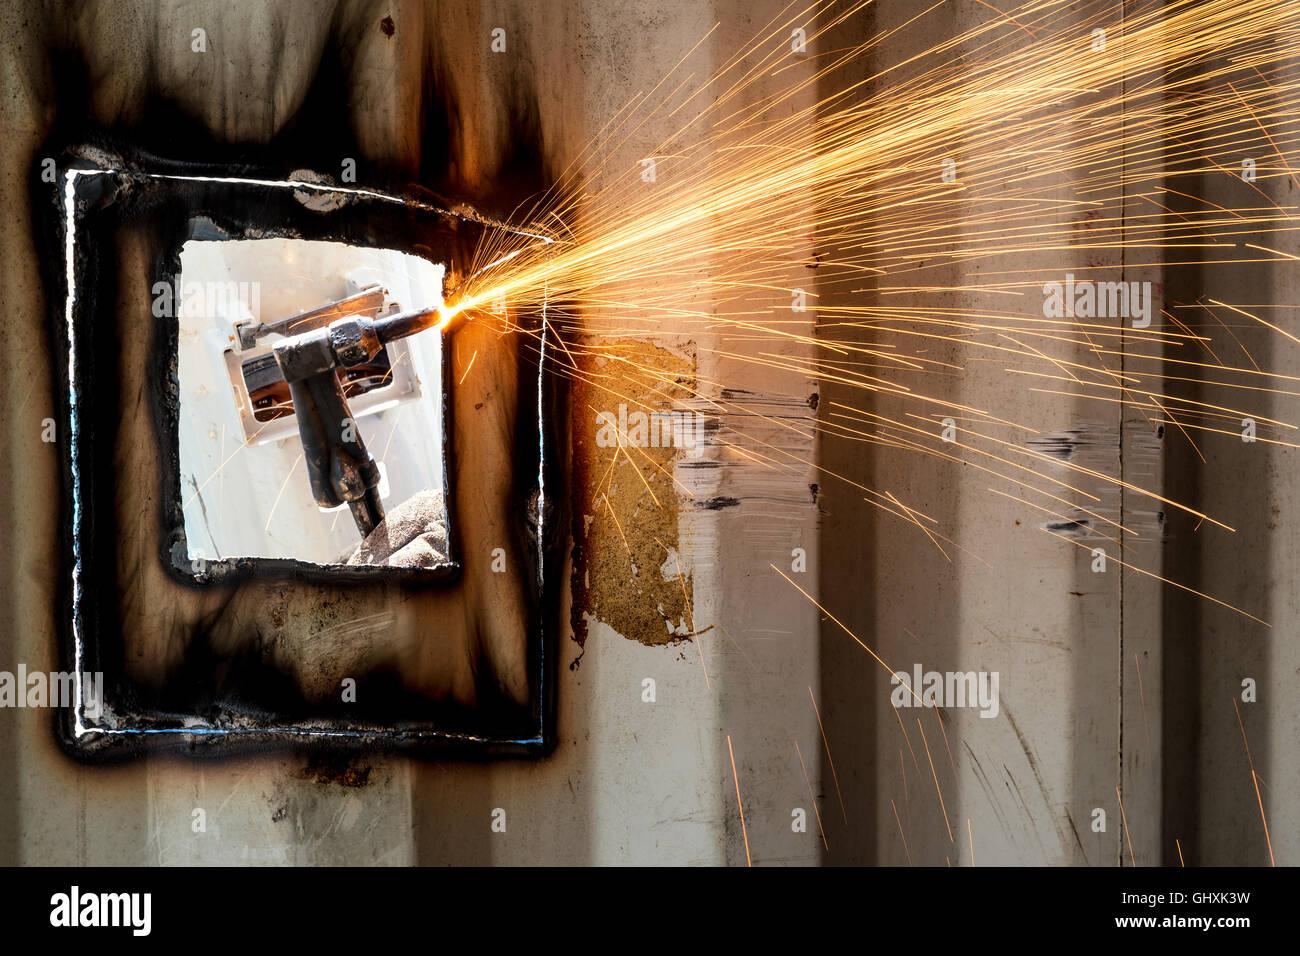 L'industria lavoratore con acciaio di saldatura per la riparazione di strutture di contenitore officina di fabbricazione Immagini Stock